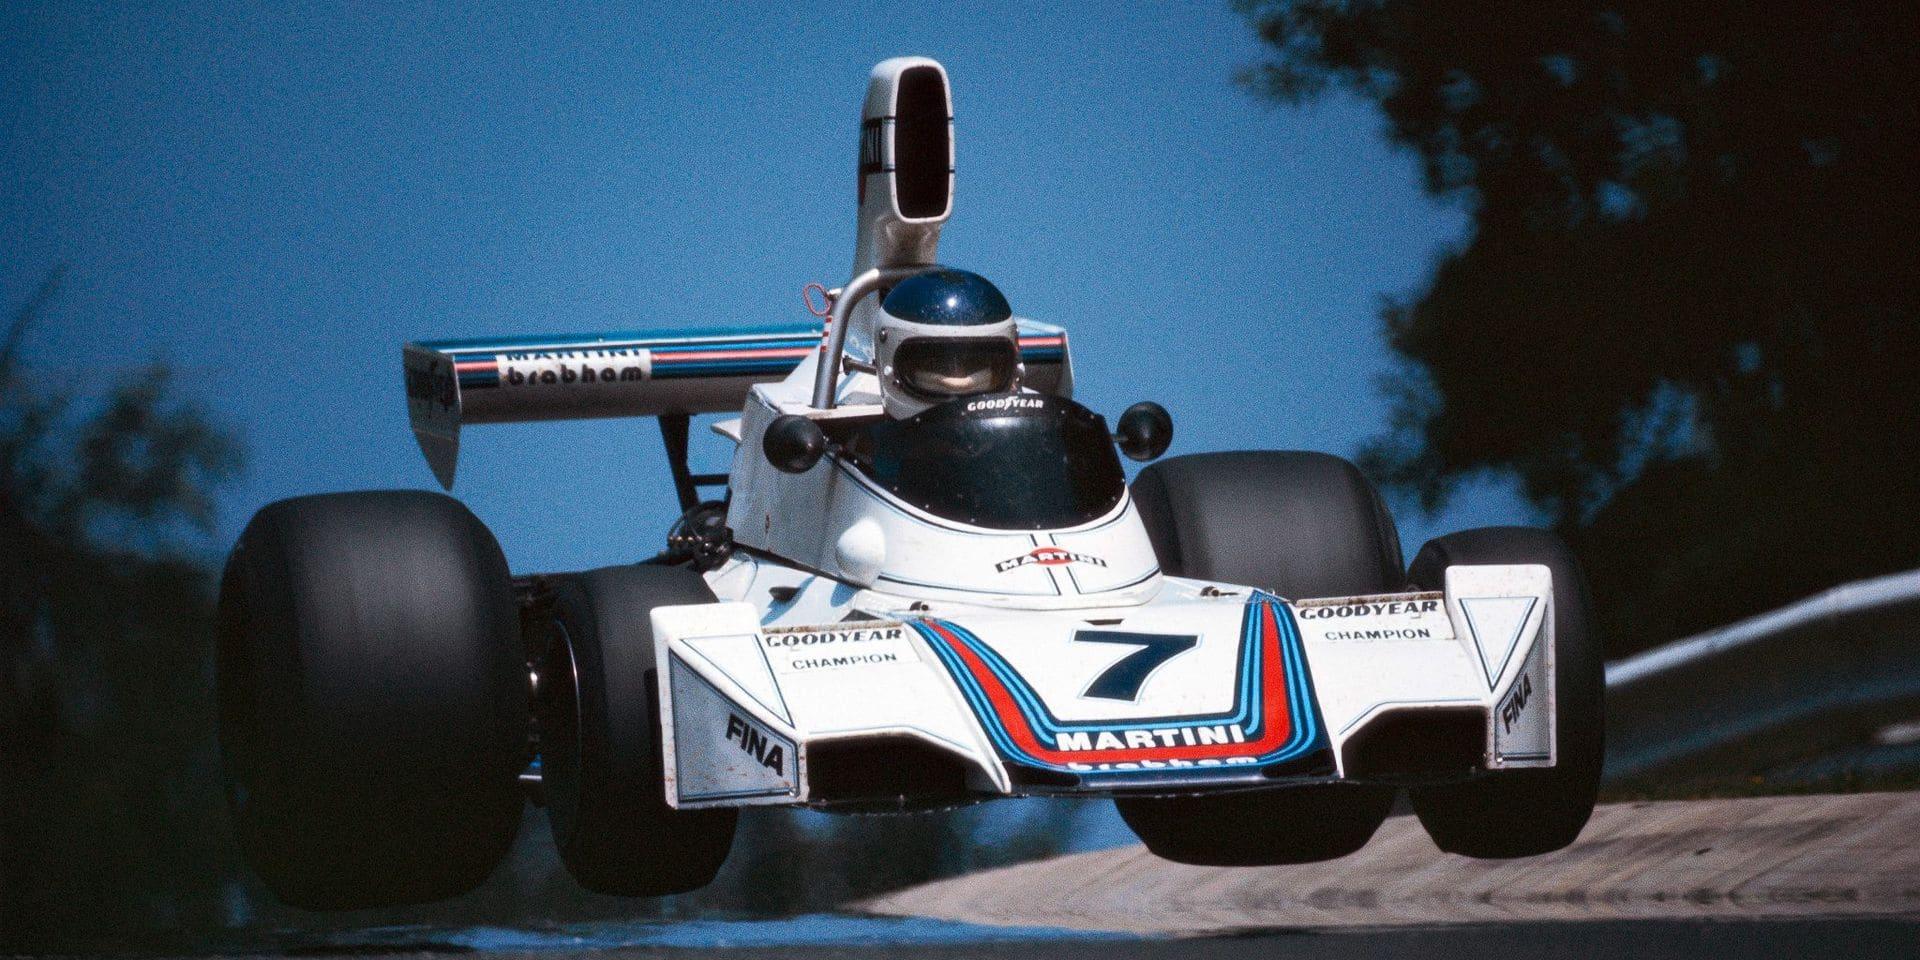 Carlos Reutemann, l'héritier de Fangio sans couronne